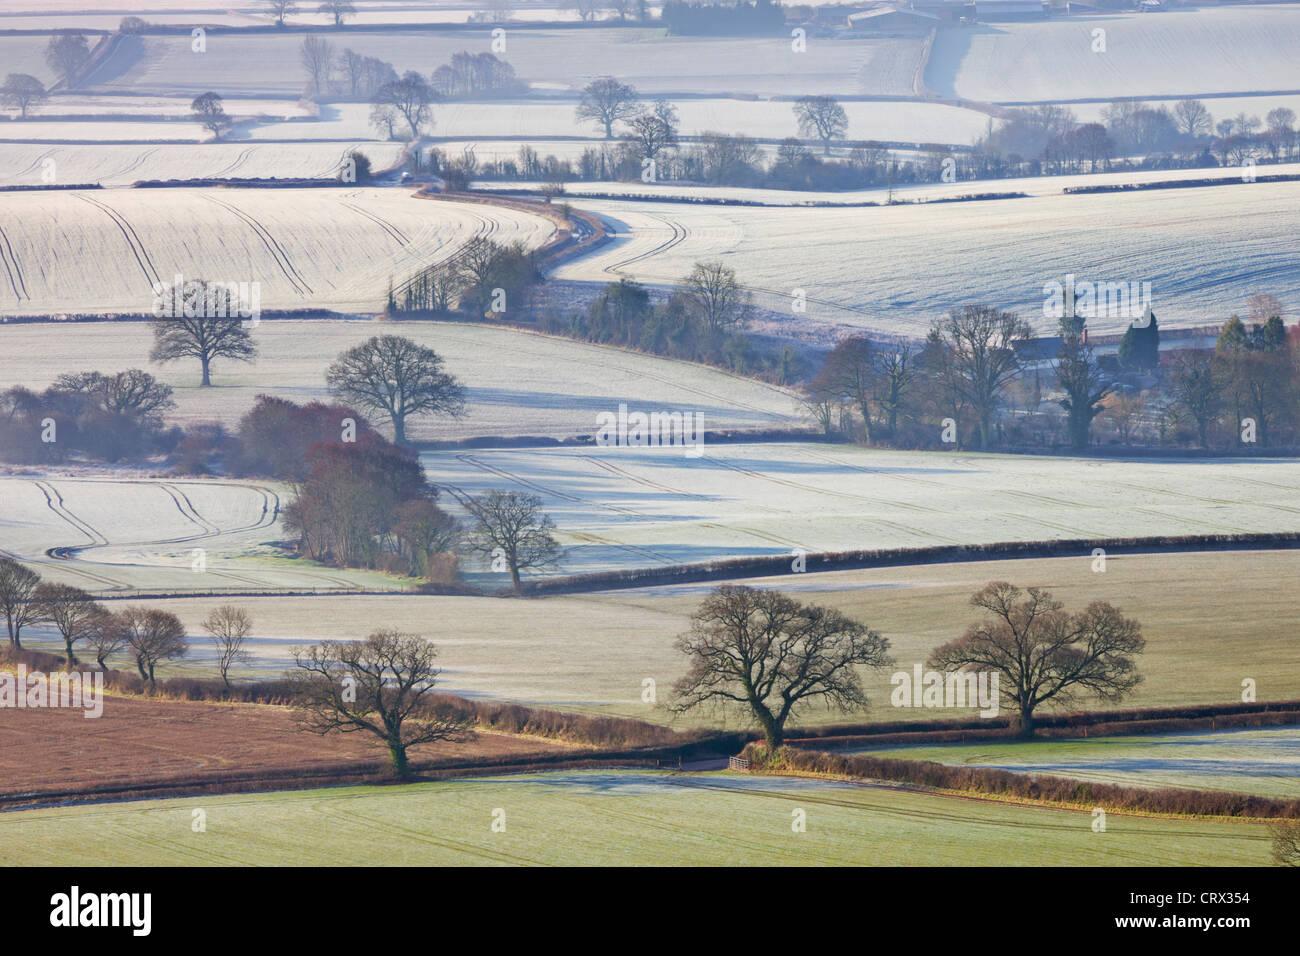 Les champs d'hiver givré près de Shobrooke, Devon, Angleterre. L'hiver (mars) 2010. Photo Stock